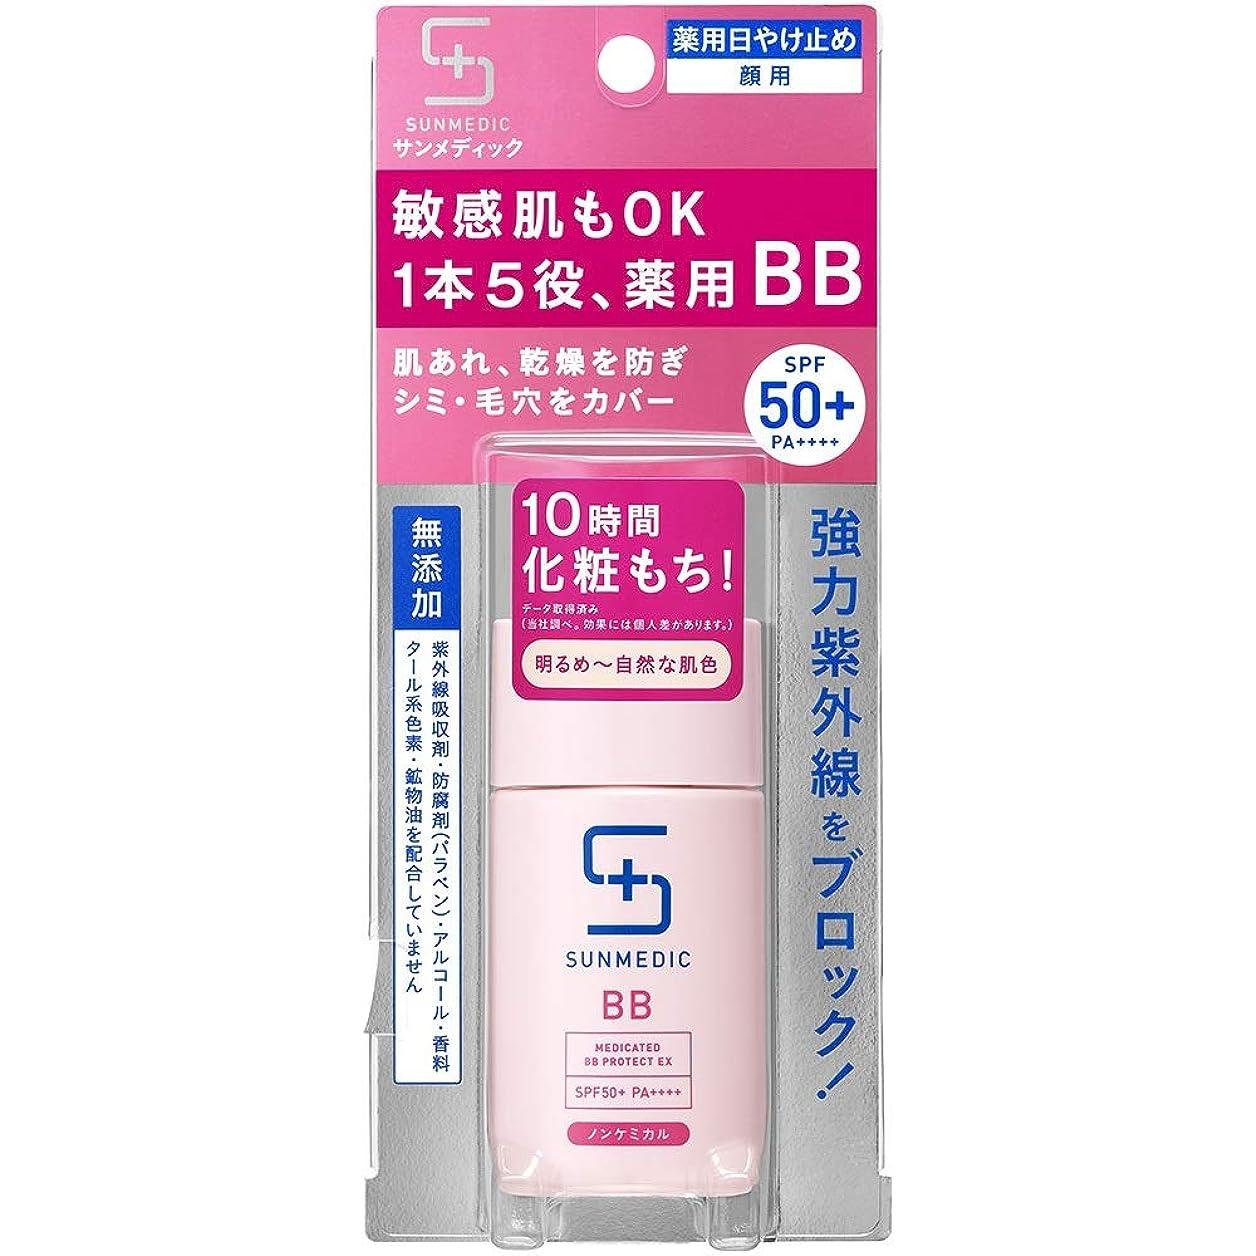 識別するヘロイン違反サンメディックUV 薬用BBプロテクトEX ライト 30ml (医薬部外品)